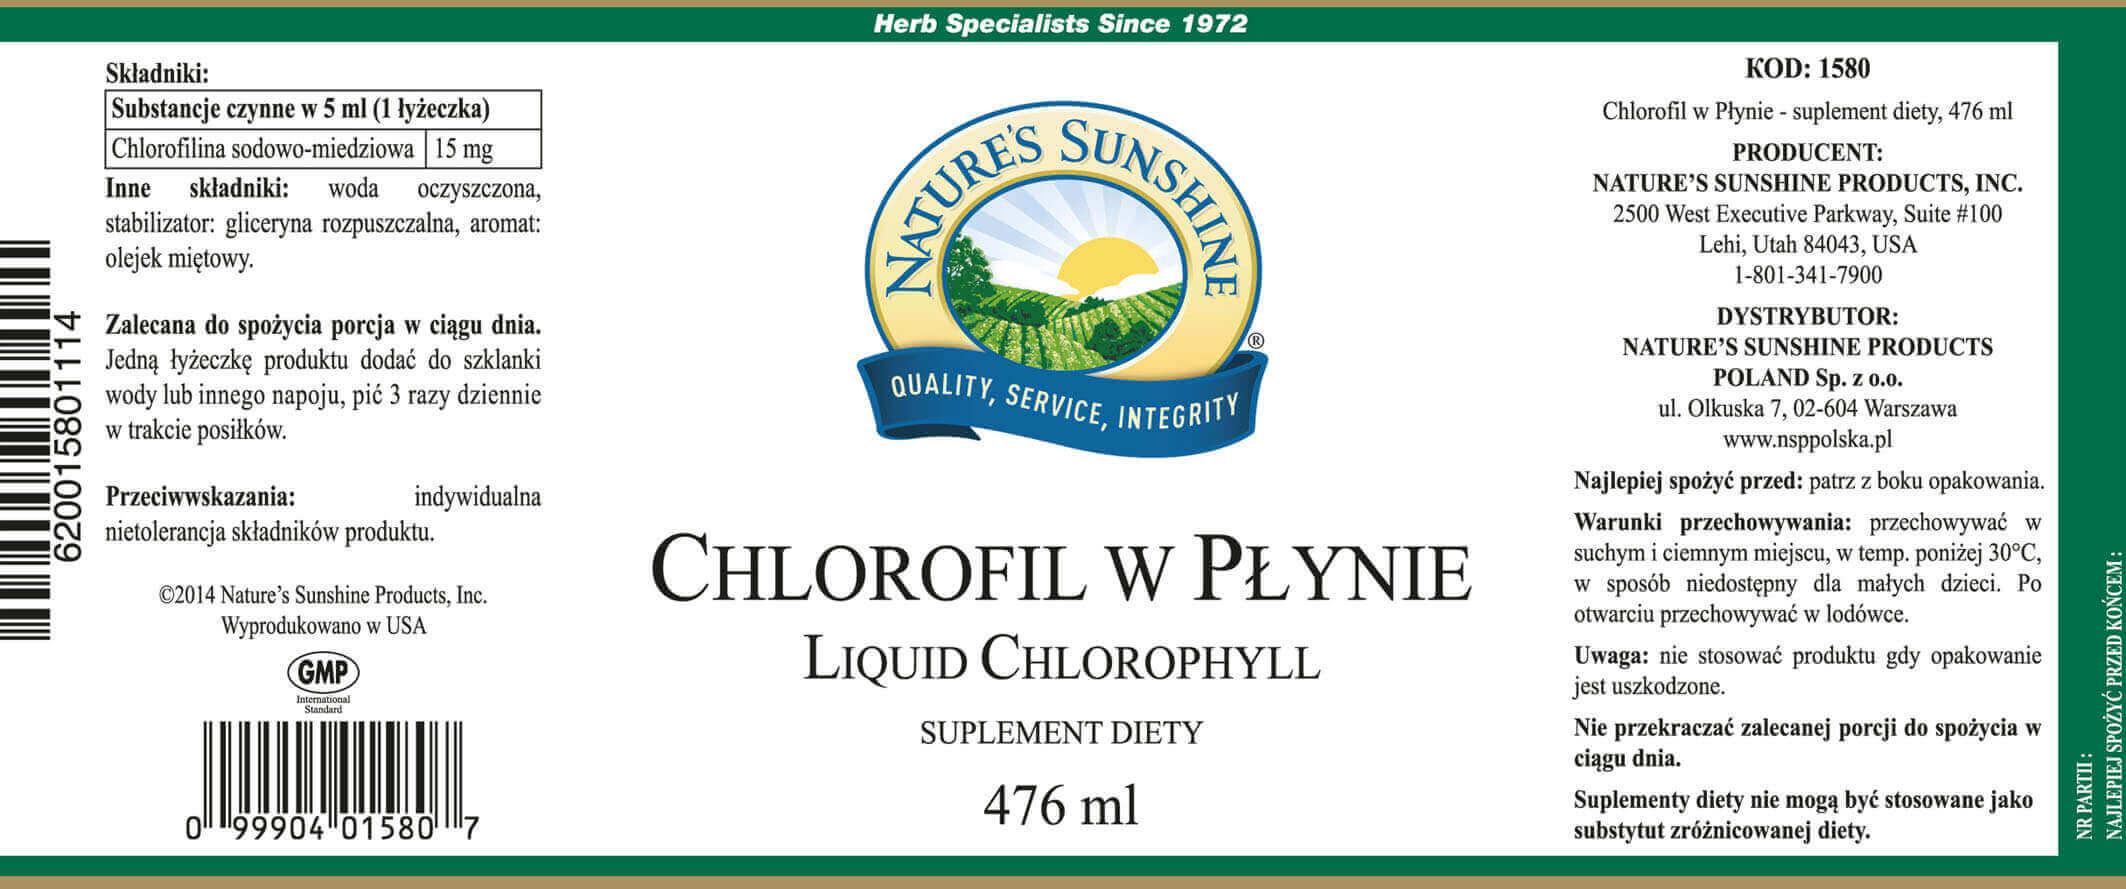 chlorofil w płynie ulotka